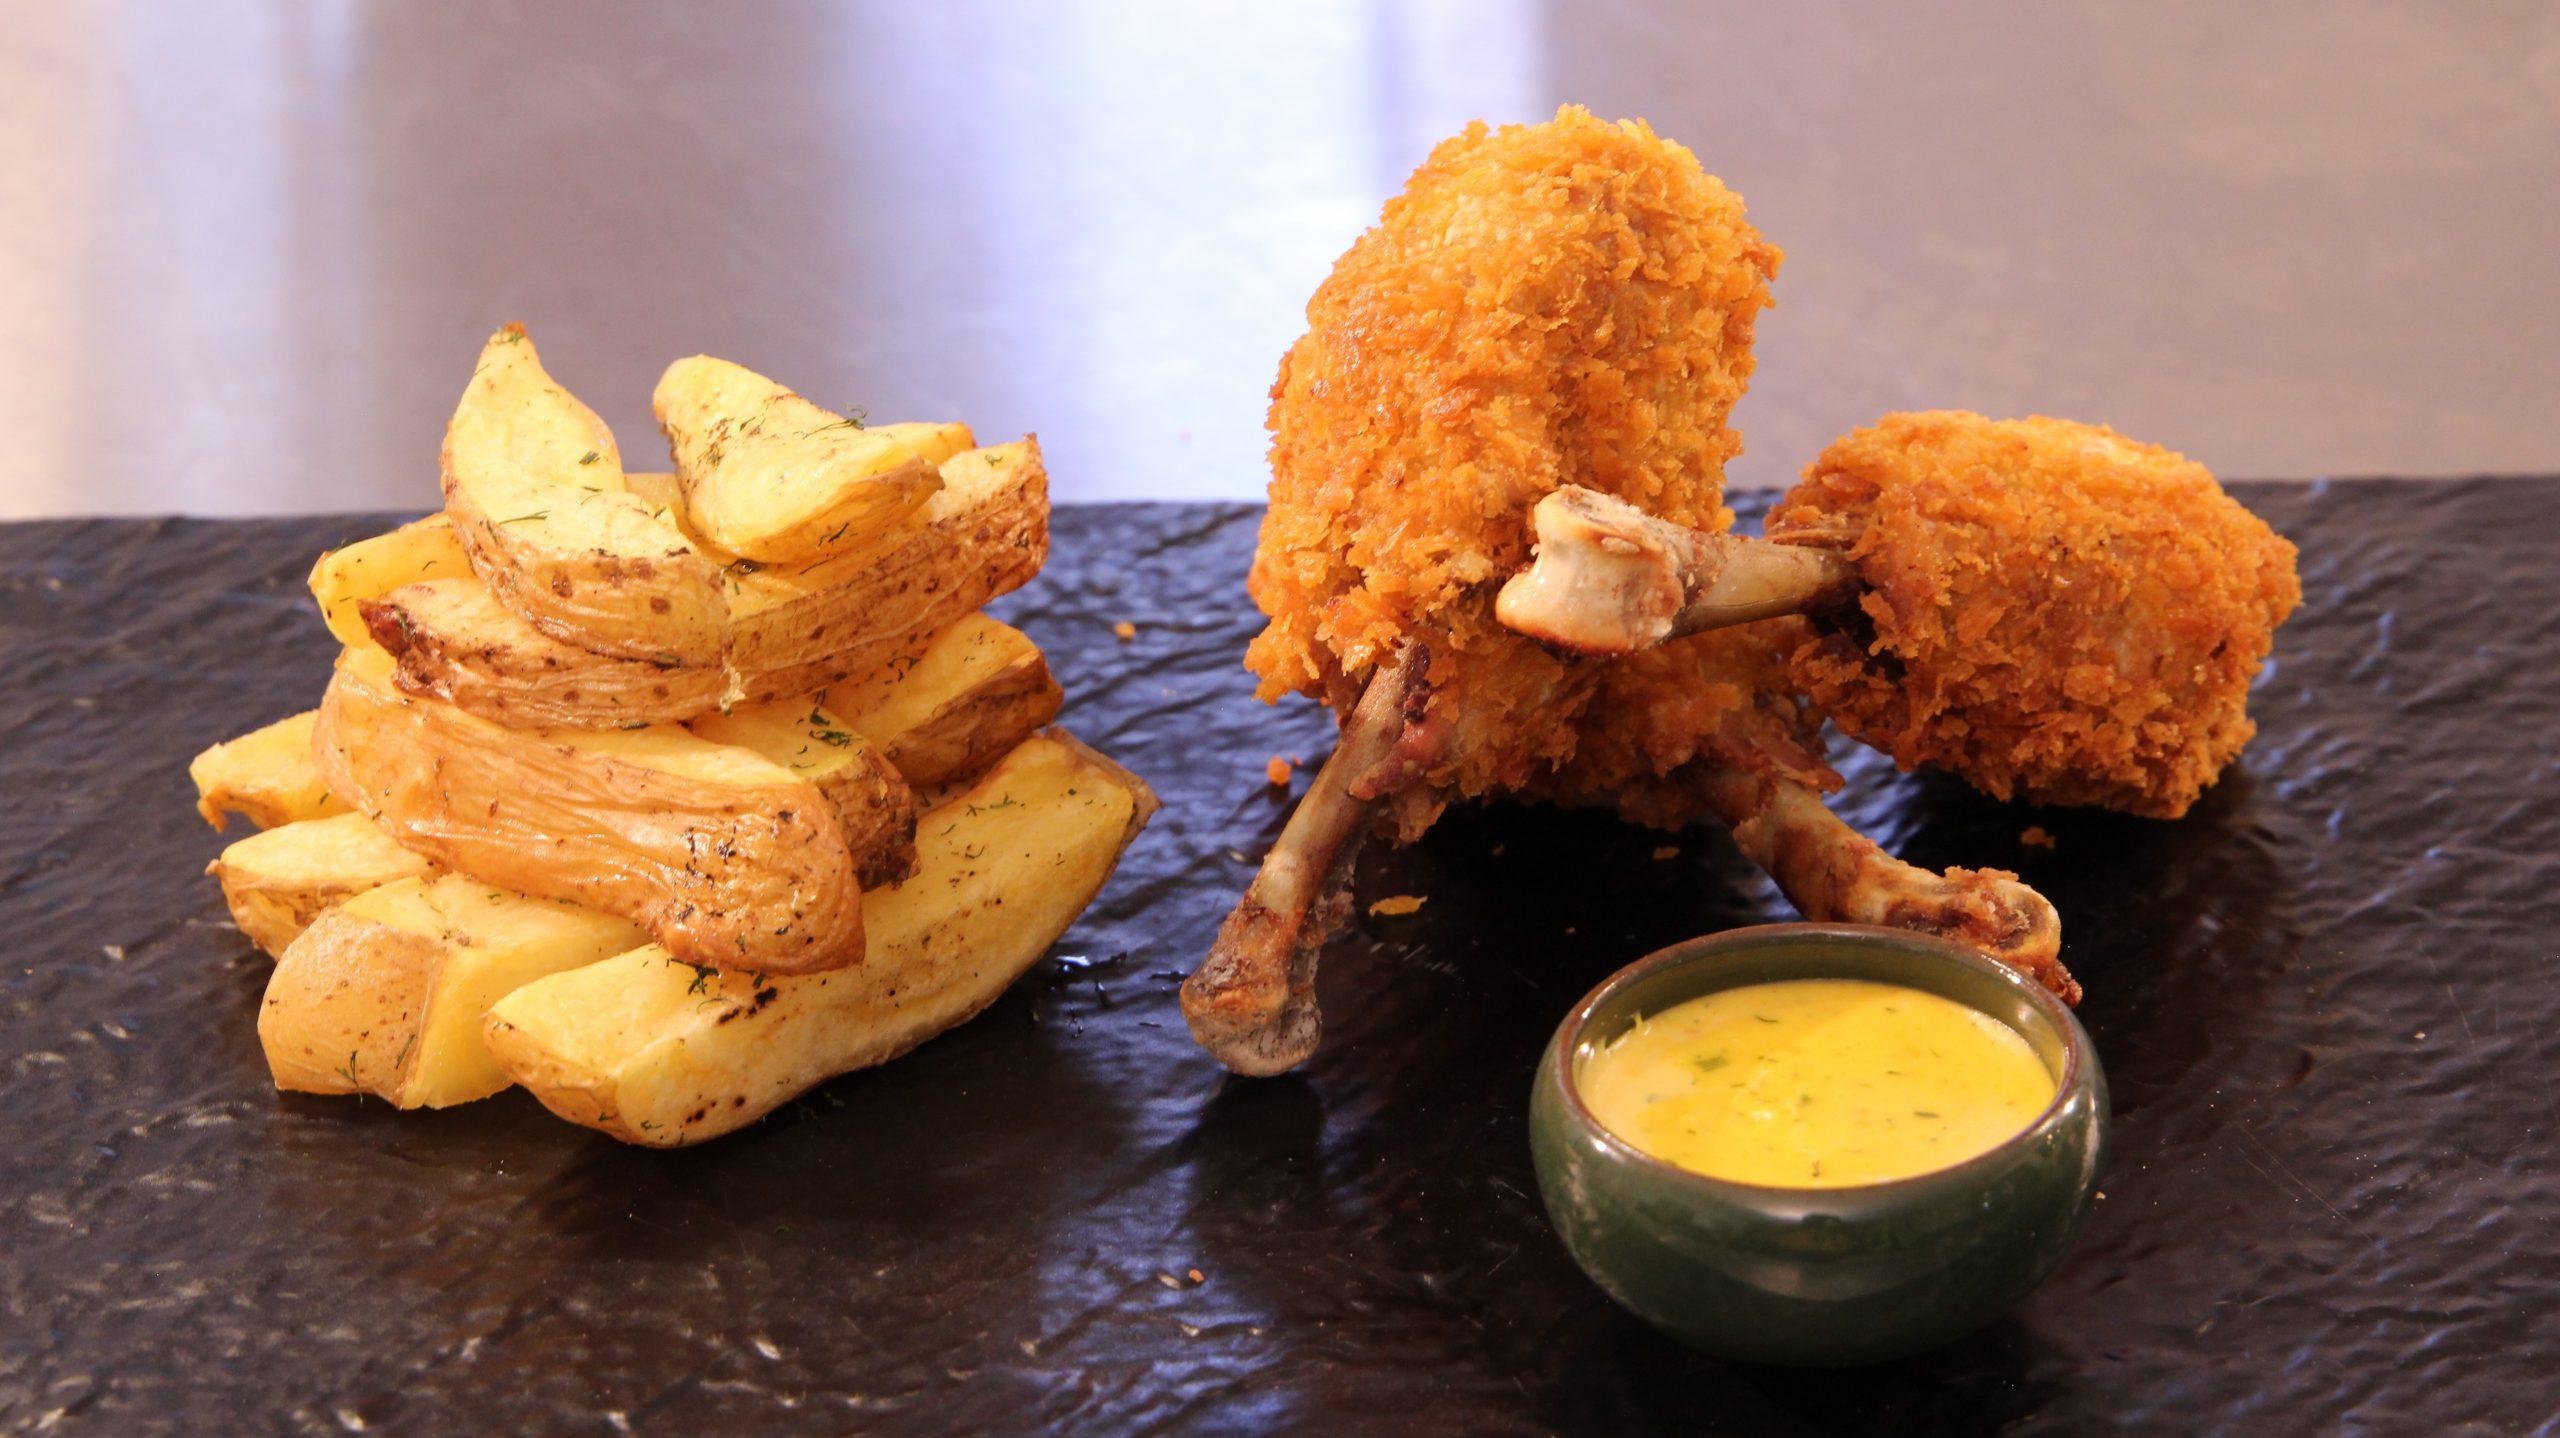 تصویر از طرز تهیه مرغ سوخاری و سیب زمینی تنوری به روش رستورانی